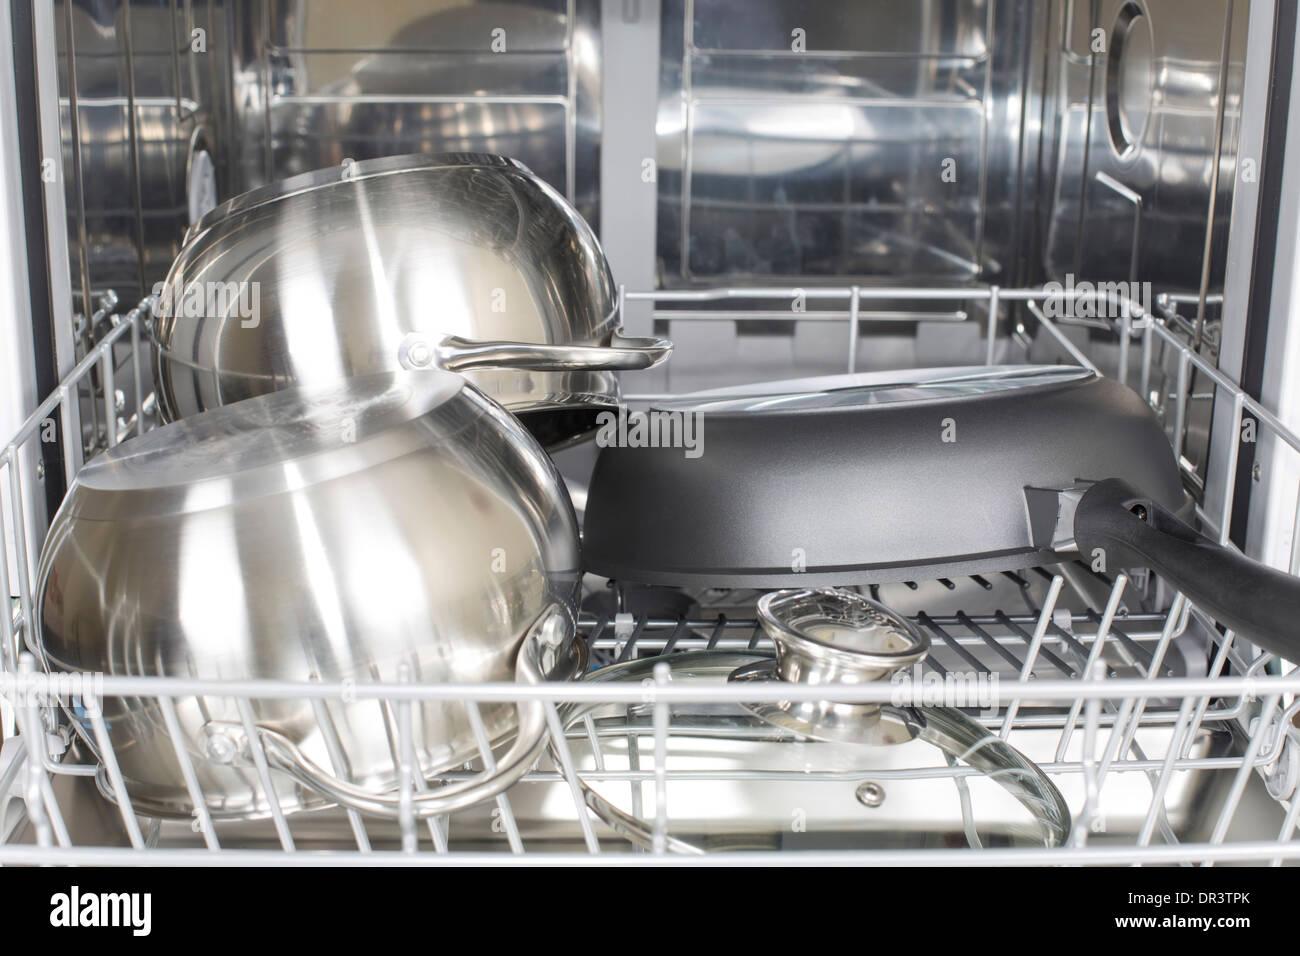 Cuisine dans le lave-vaisselle après lavage et séchage Banque D'Images